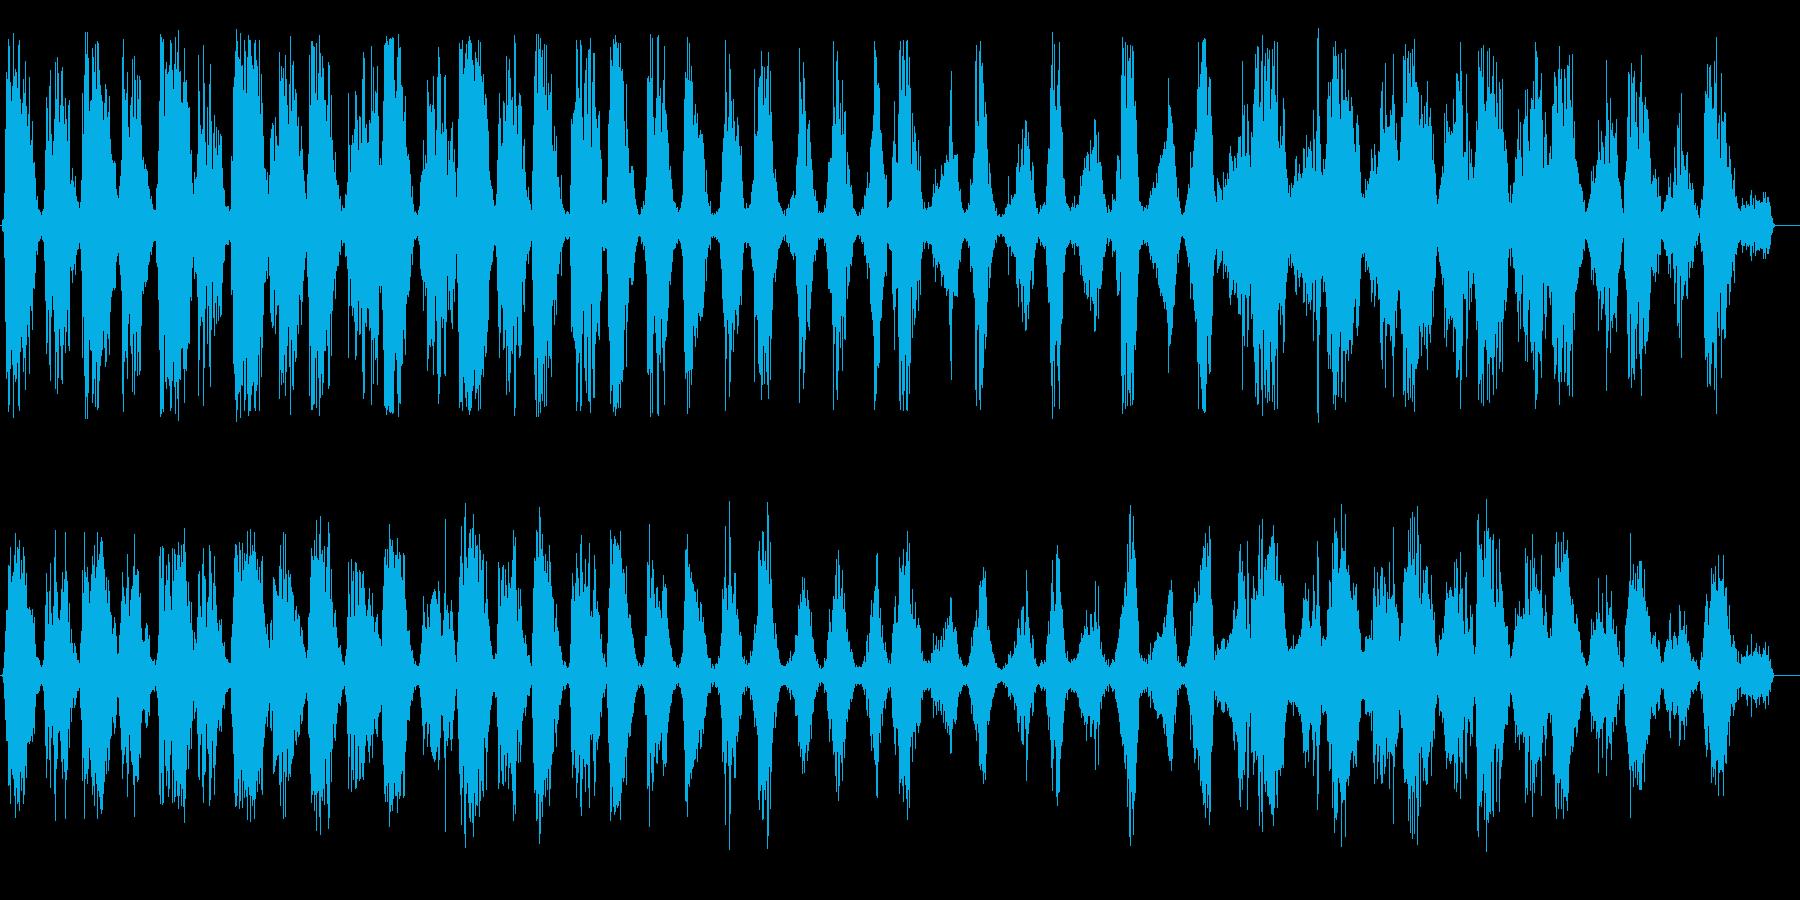 ガシュガシュ(鋸引きを一生懸命)の再生済みの波形